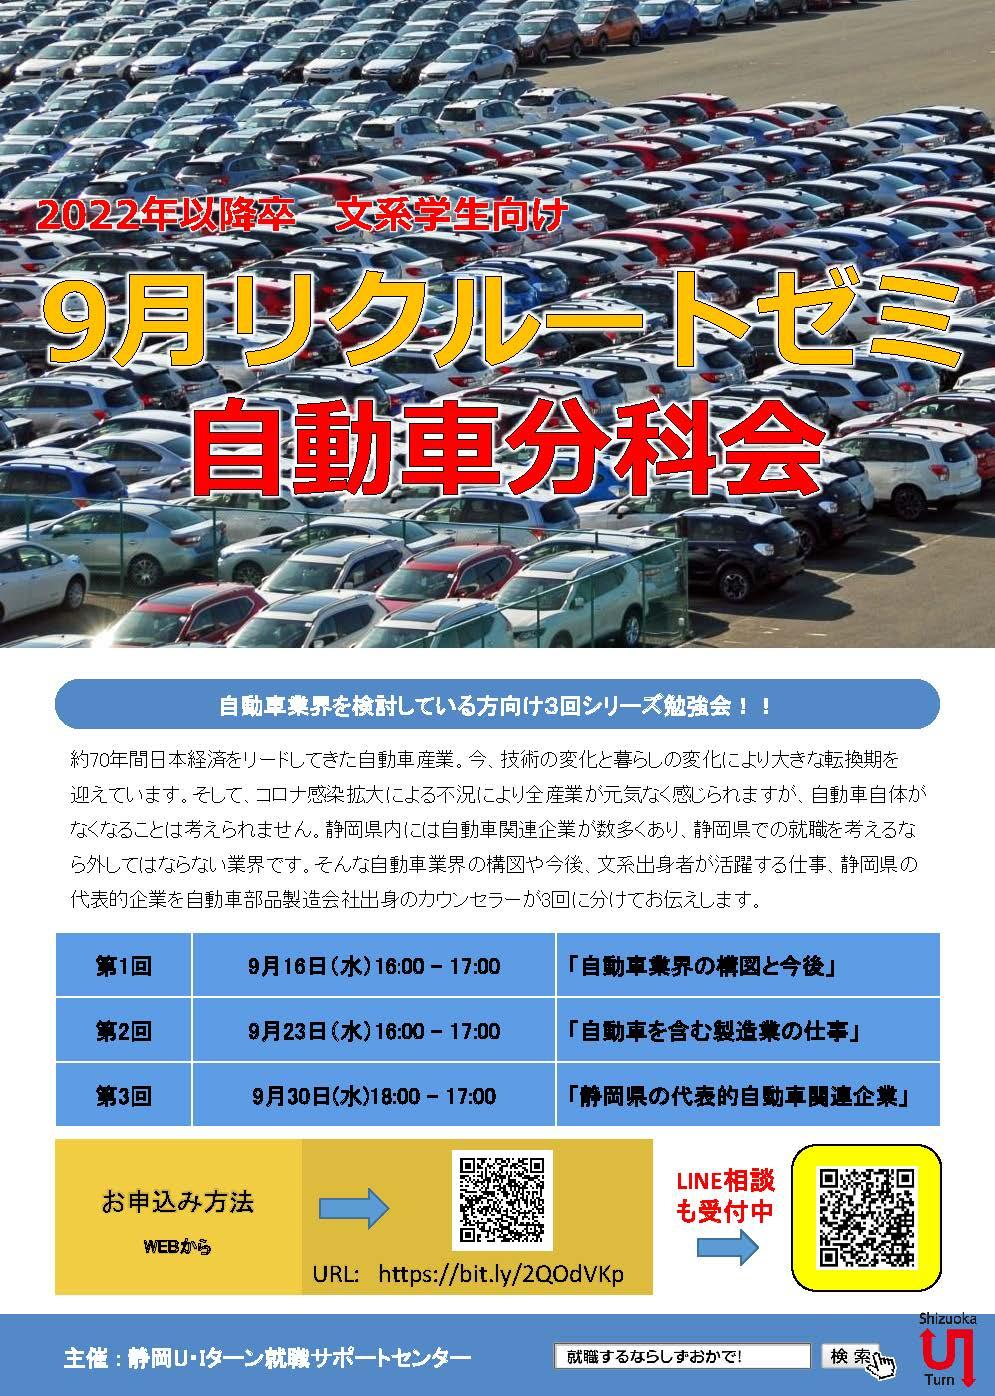 リクルートゼミ「自動車分科会」 静岡U・Iターン就職サポートセンター